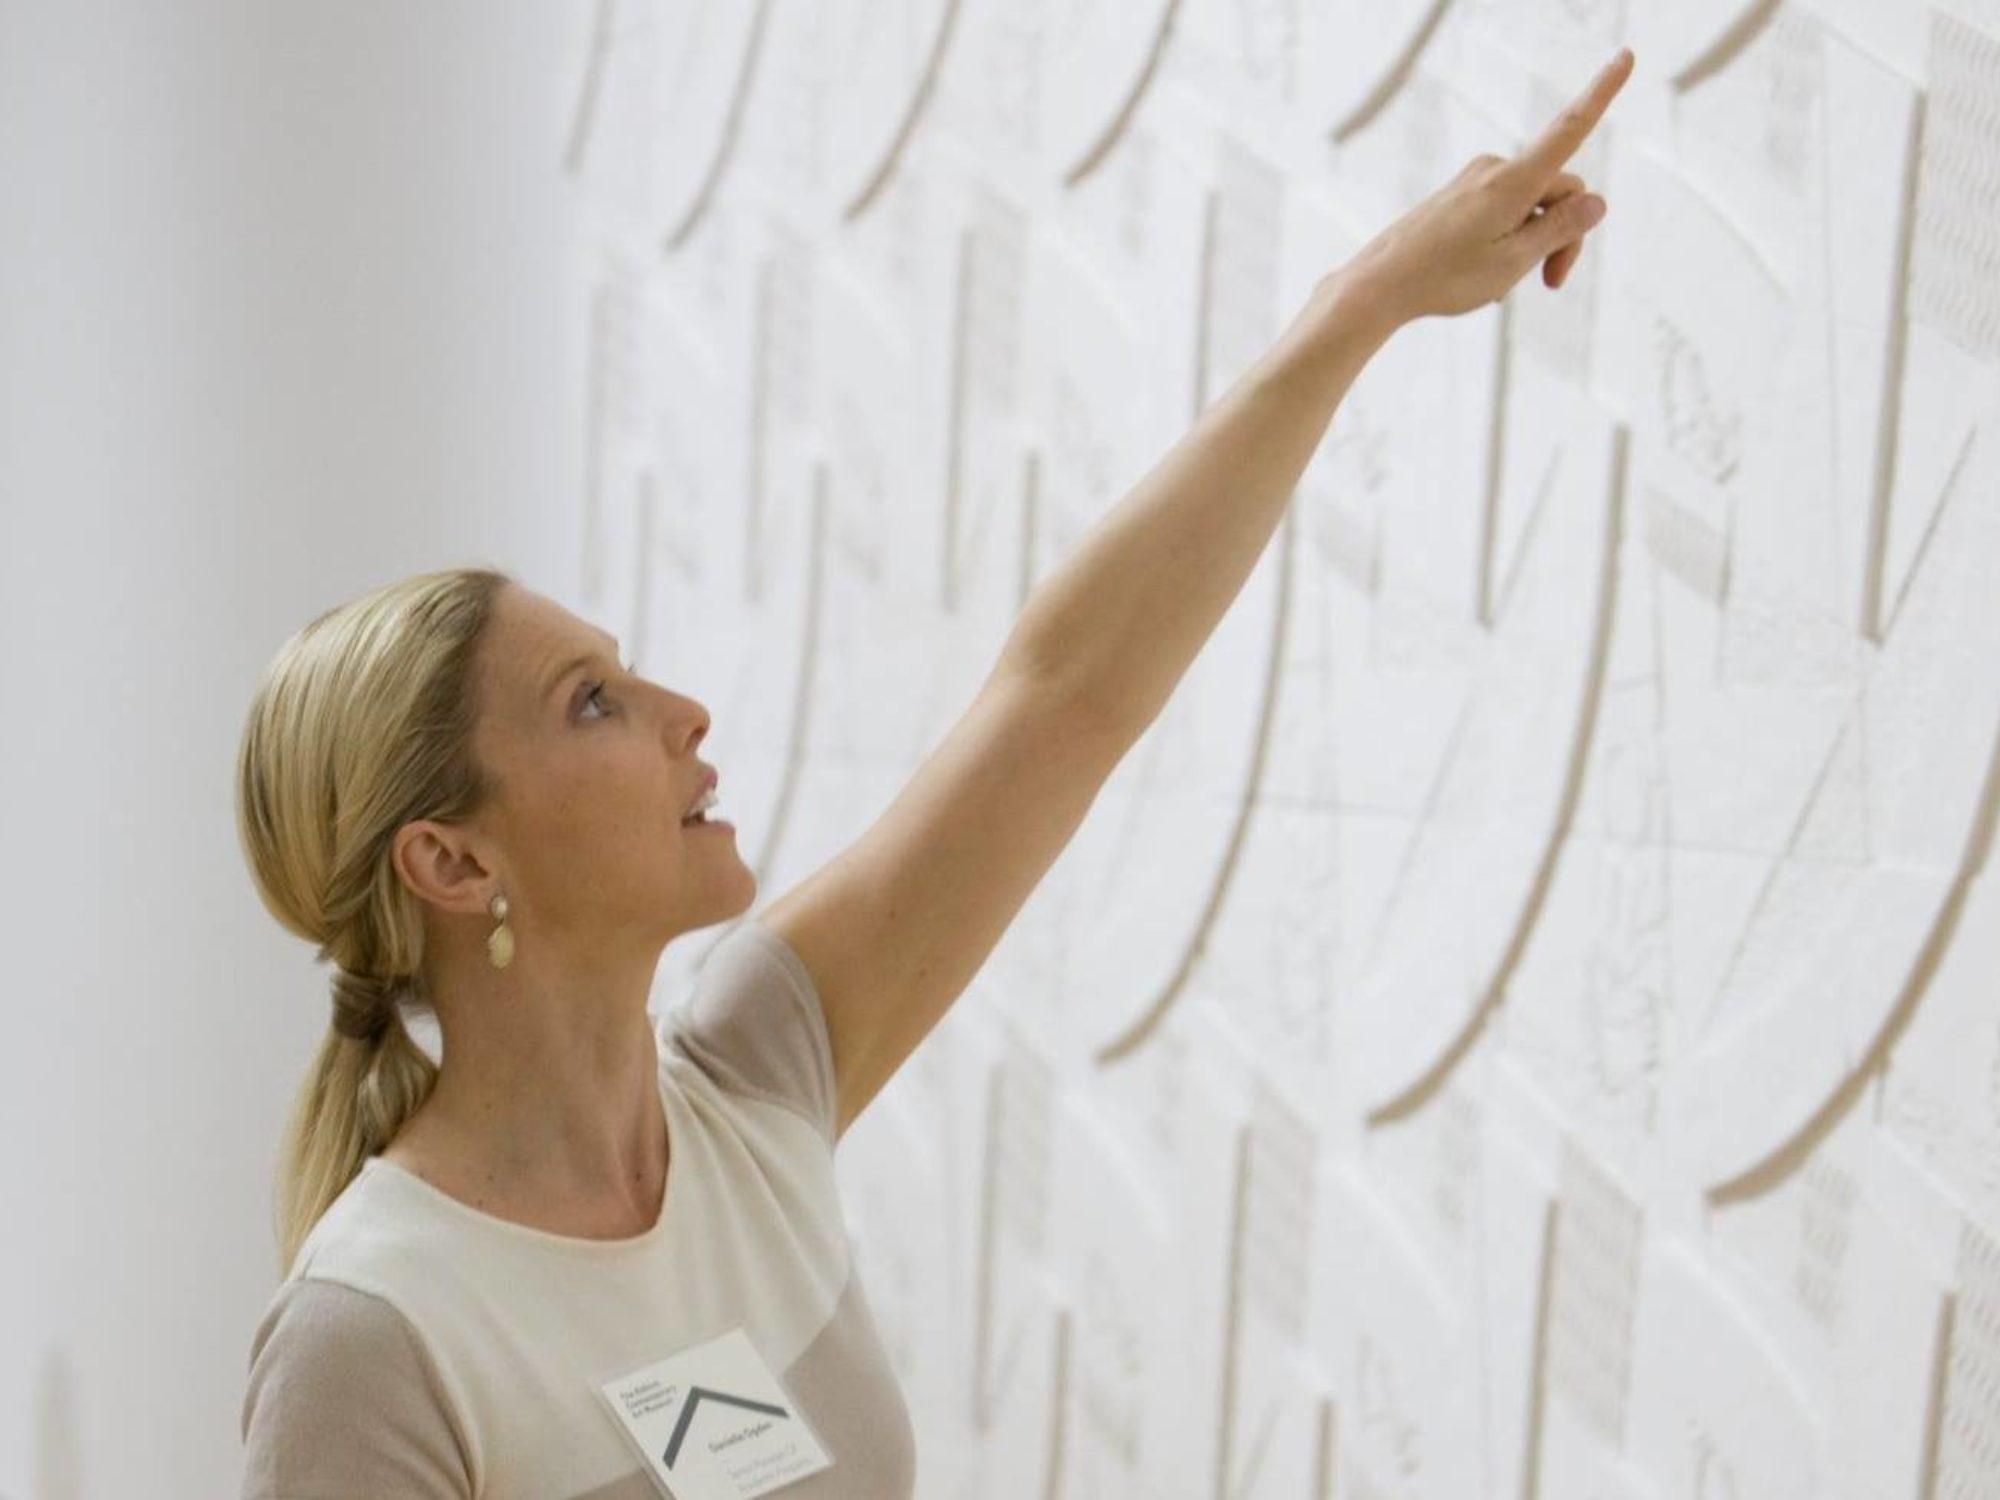 Danielle Ogden teaches a class at The Aldrich